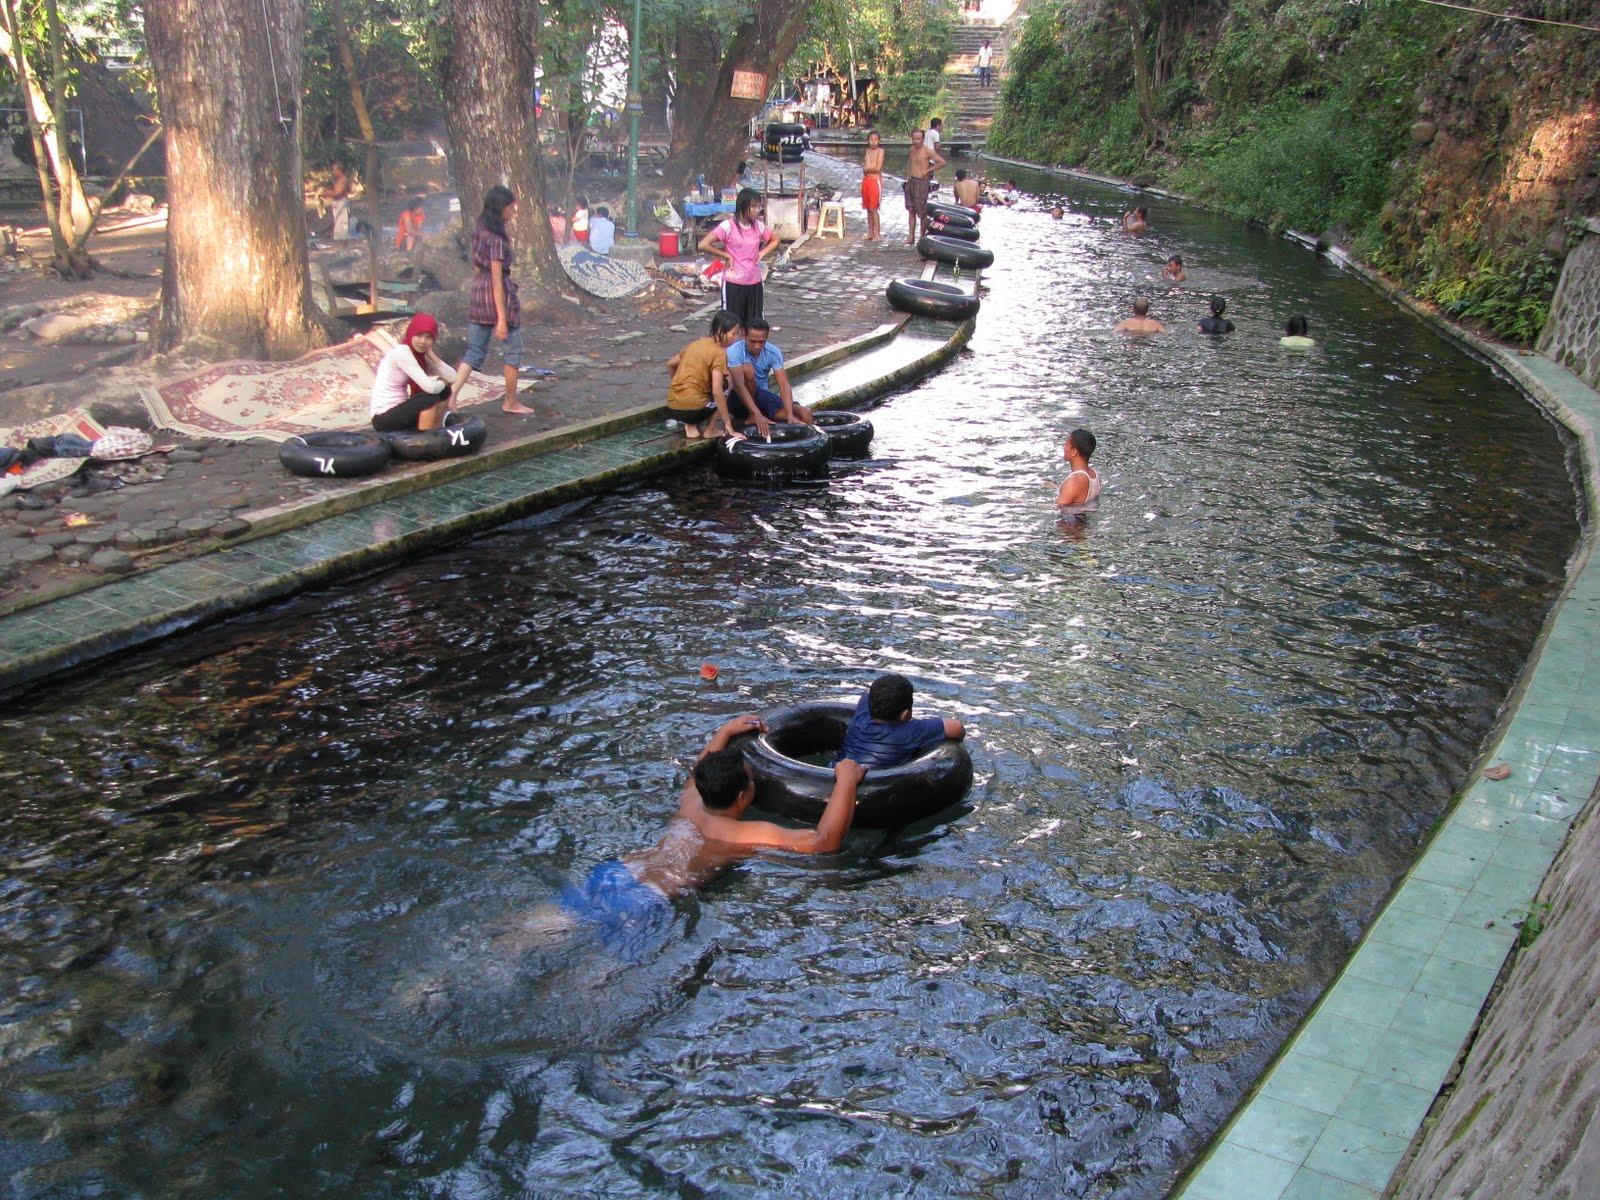 8 Tempat Wisata Sumber Air Umbul Klaten Hits Kecamatan Tulung